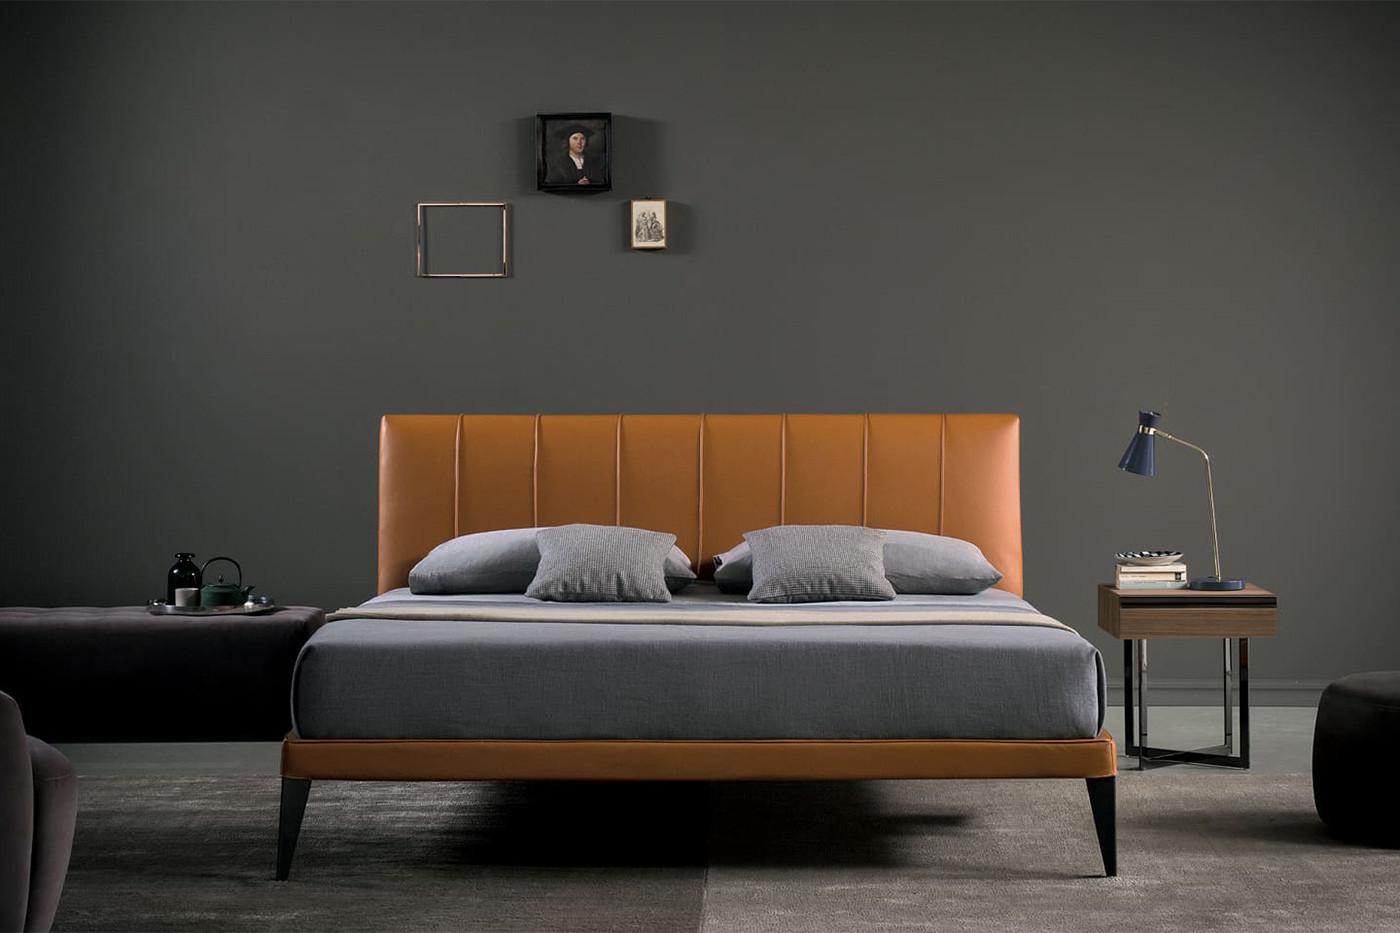 Modernes gepolstertes Doppelbett mit hohen Metallfüßen